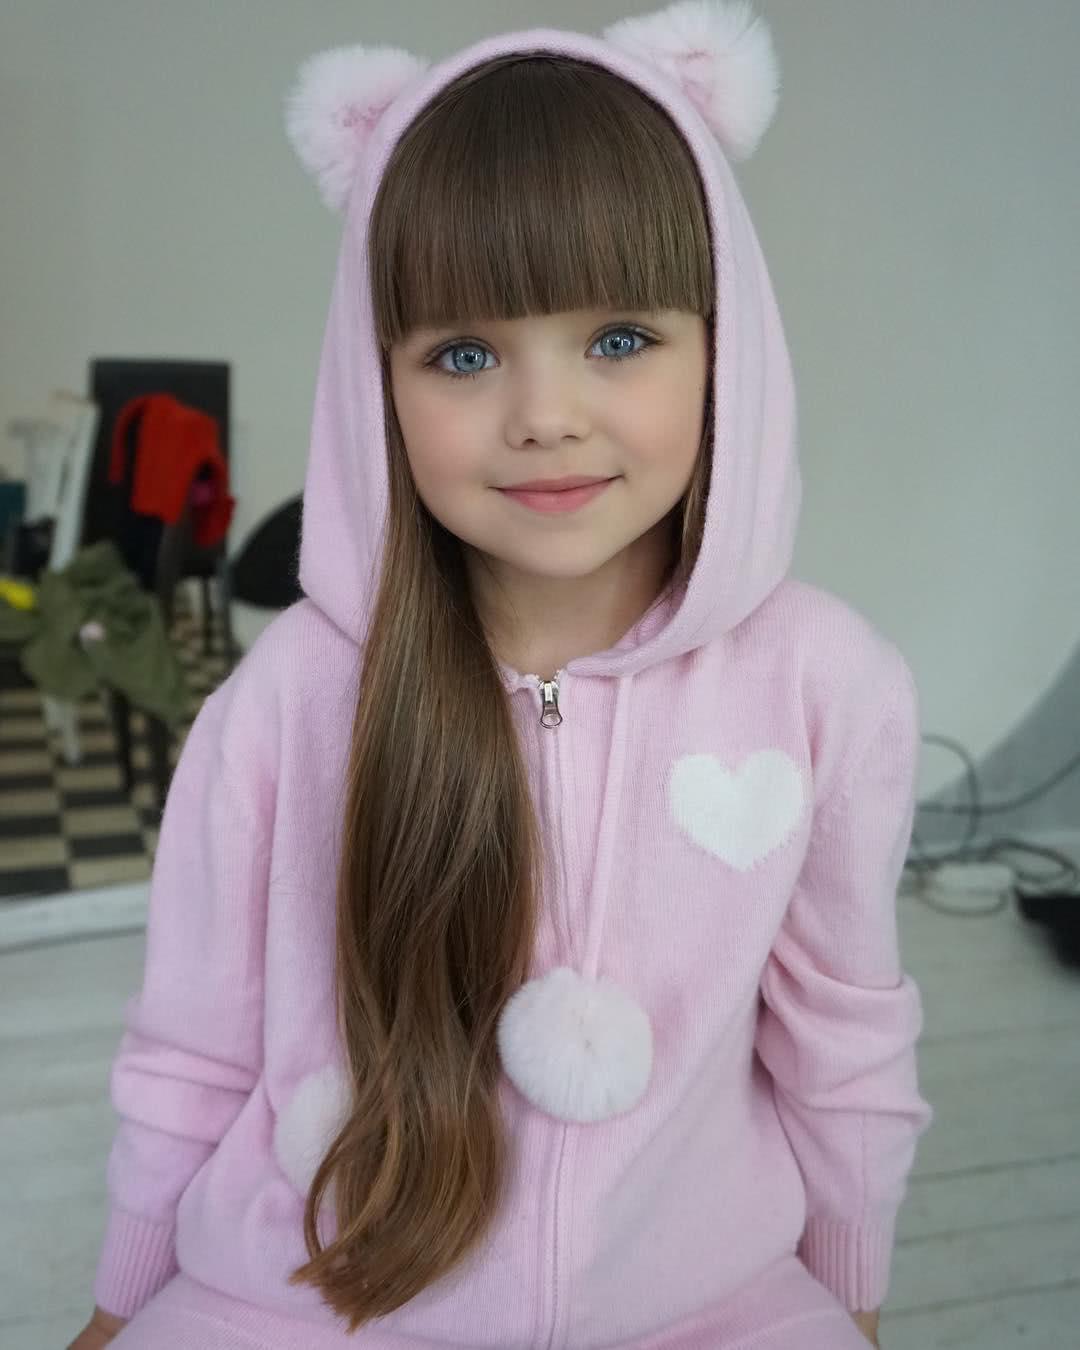 το κοριτσάκι με φόρμα